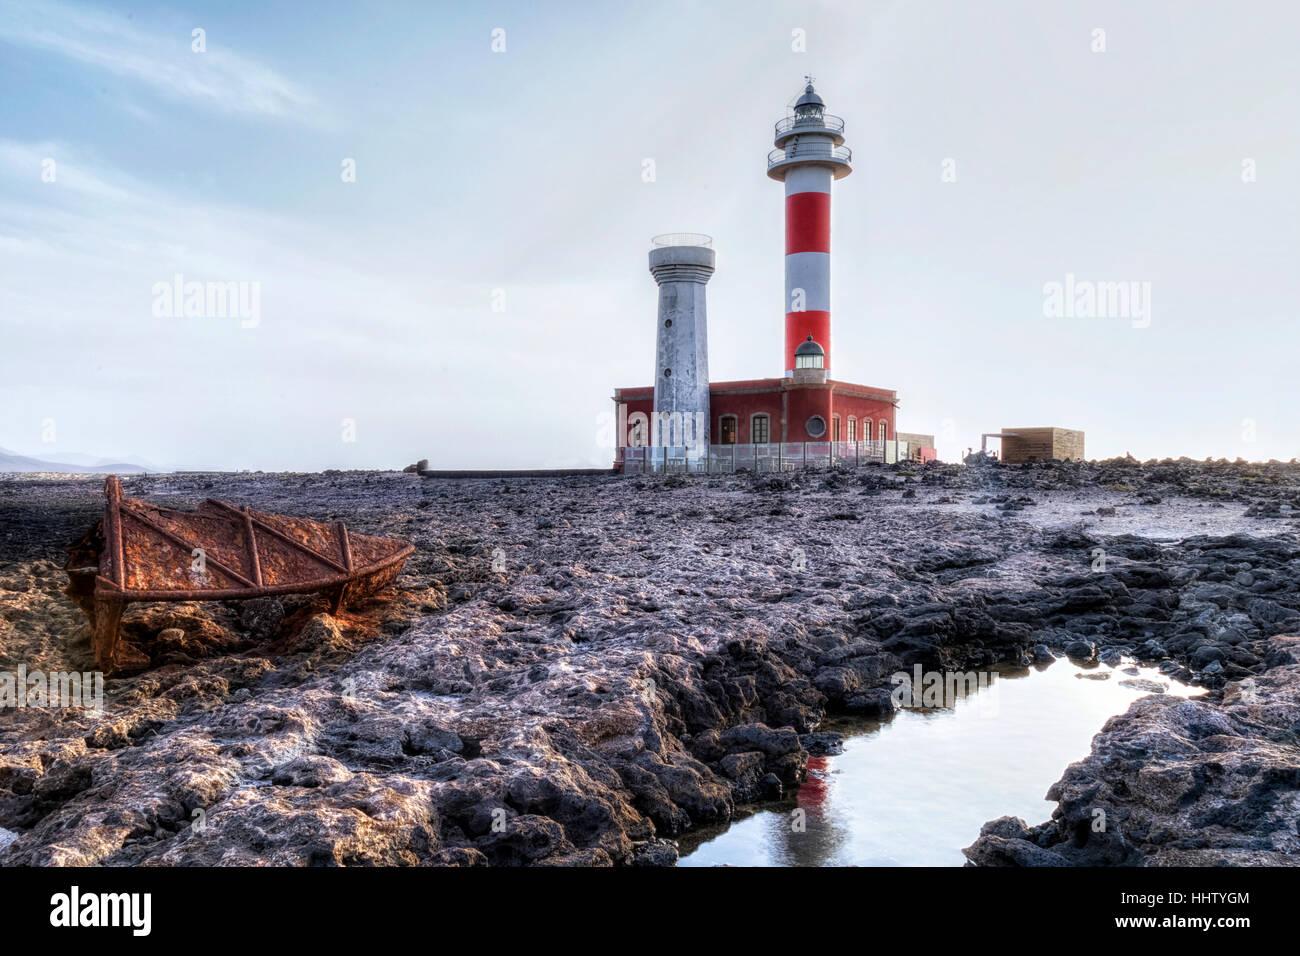 Faro El Cotillo, La Oliva, Fuerteventura, Canary Islands, Spain - Stock Image